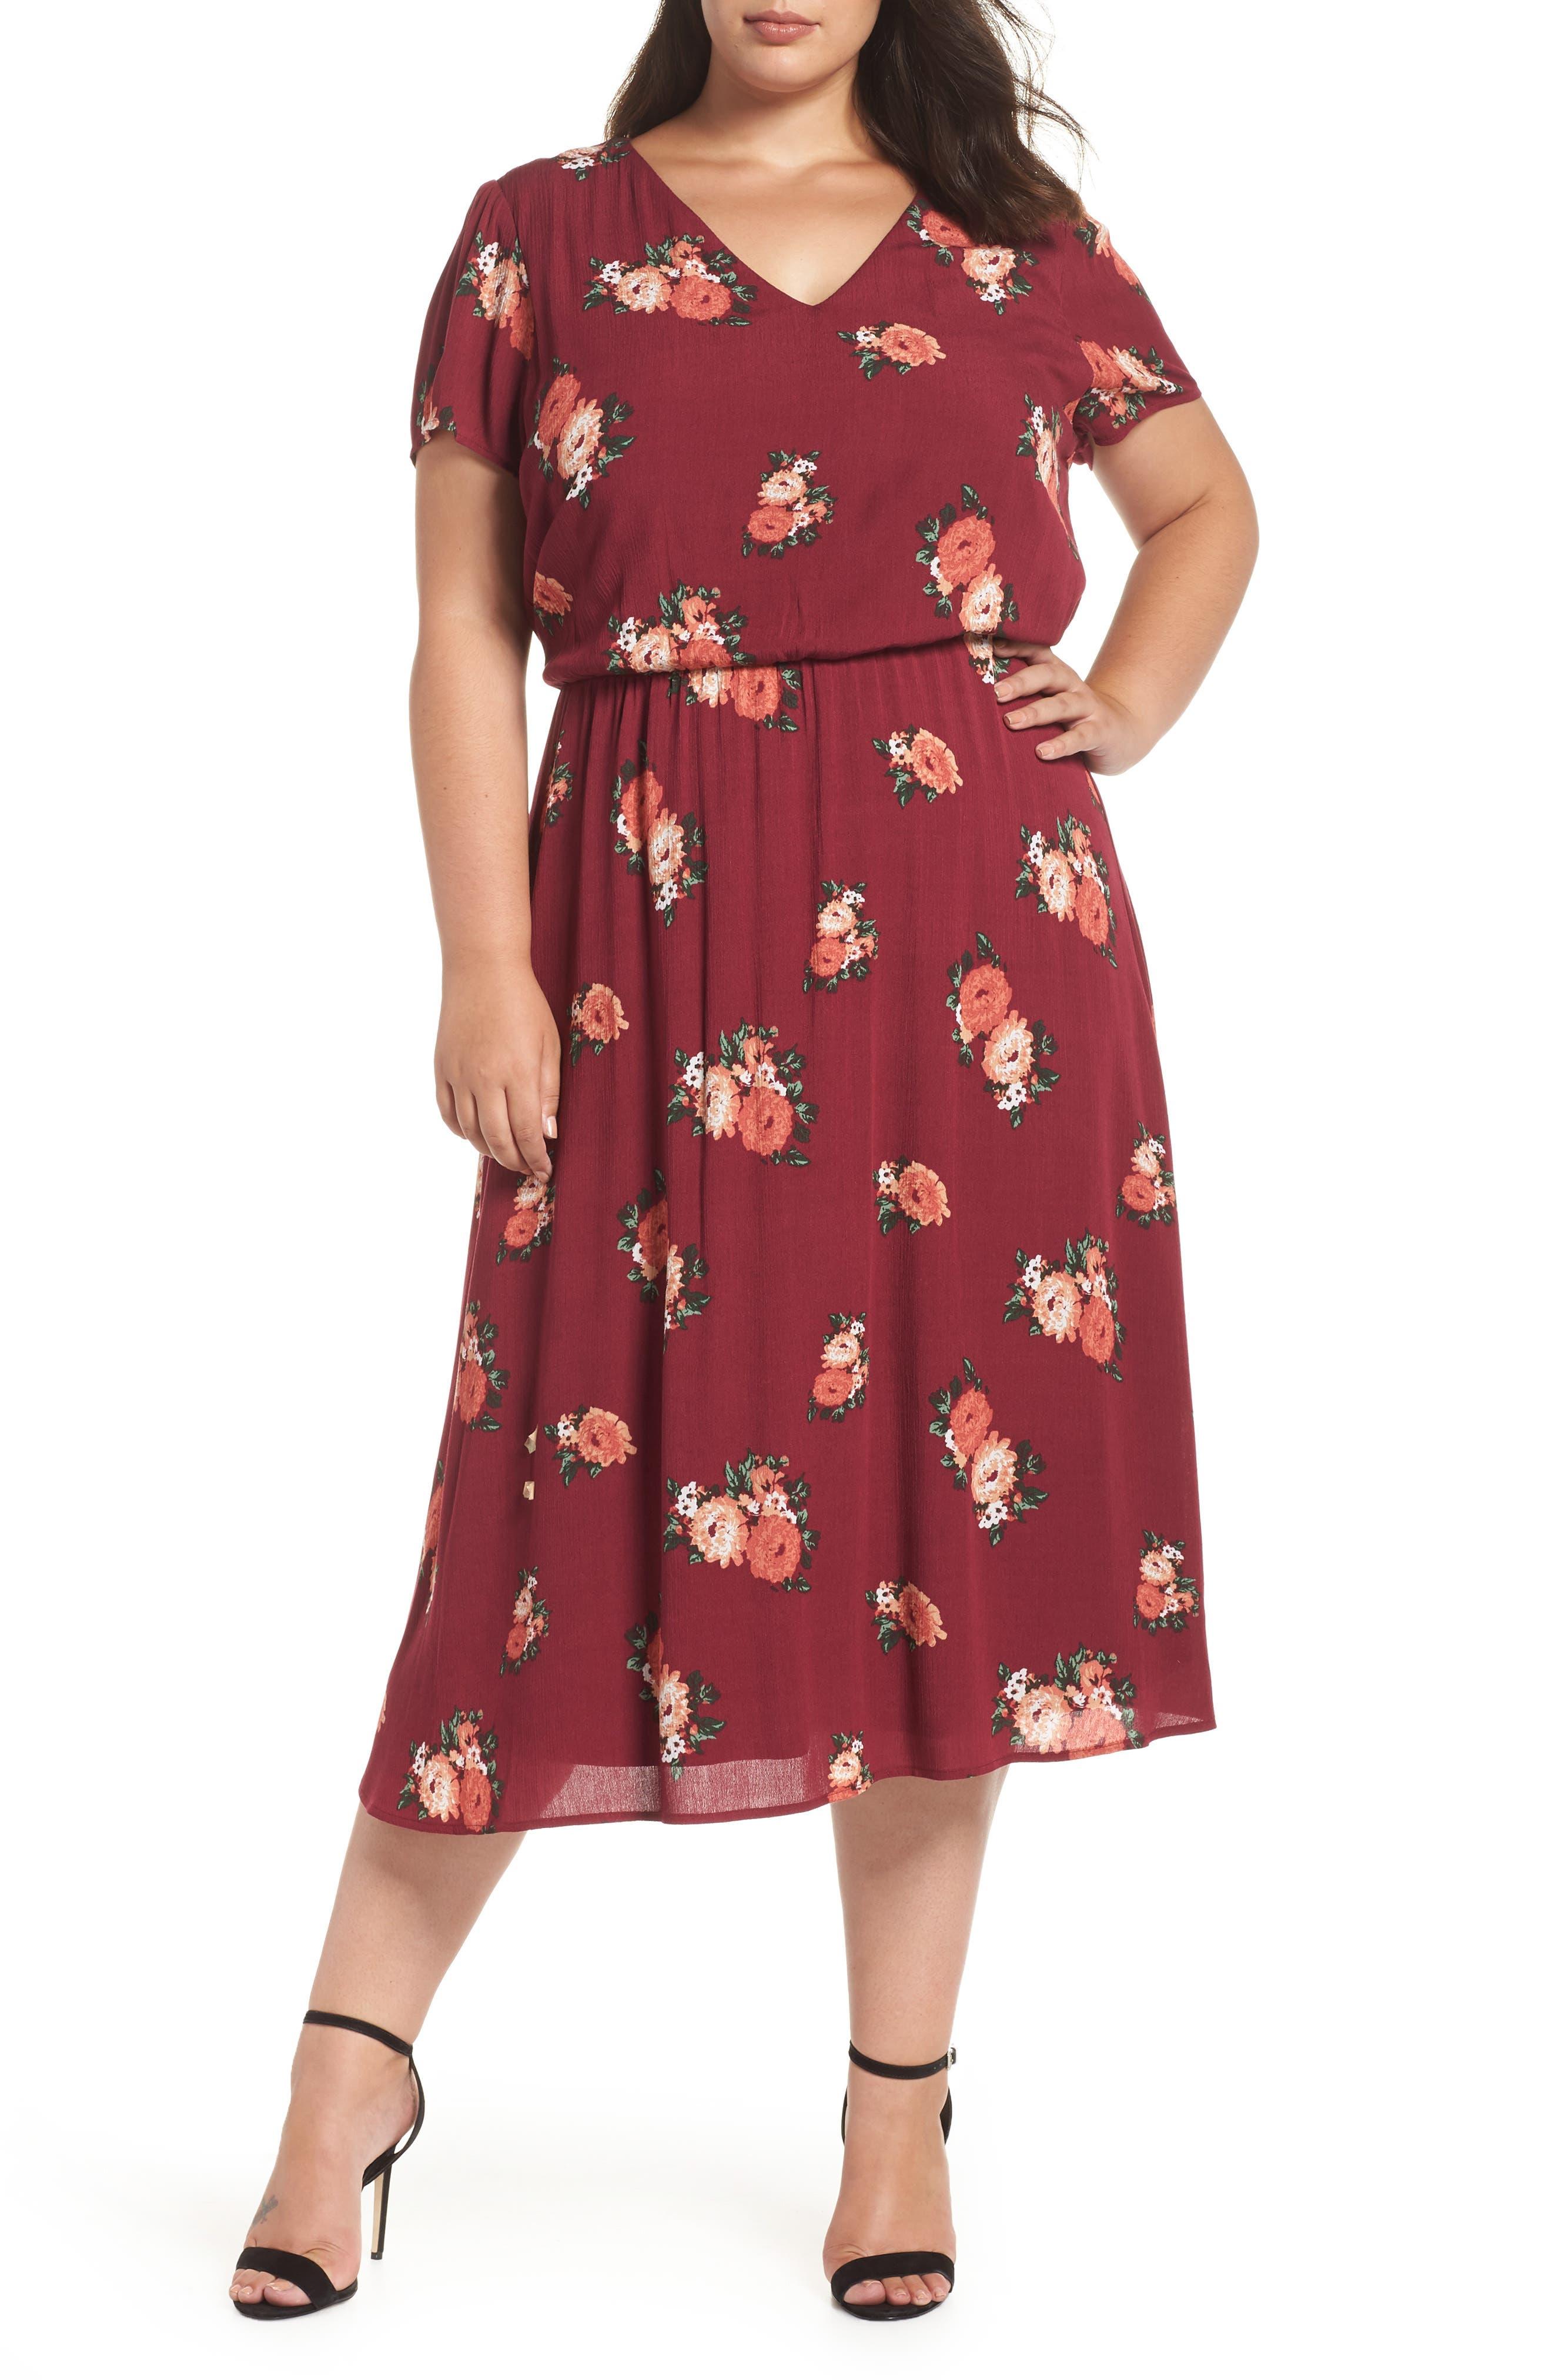 Blouson Midi Dress,                         Main,                         color, RED RUMBA FLORAL